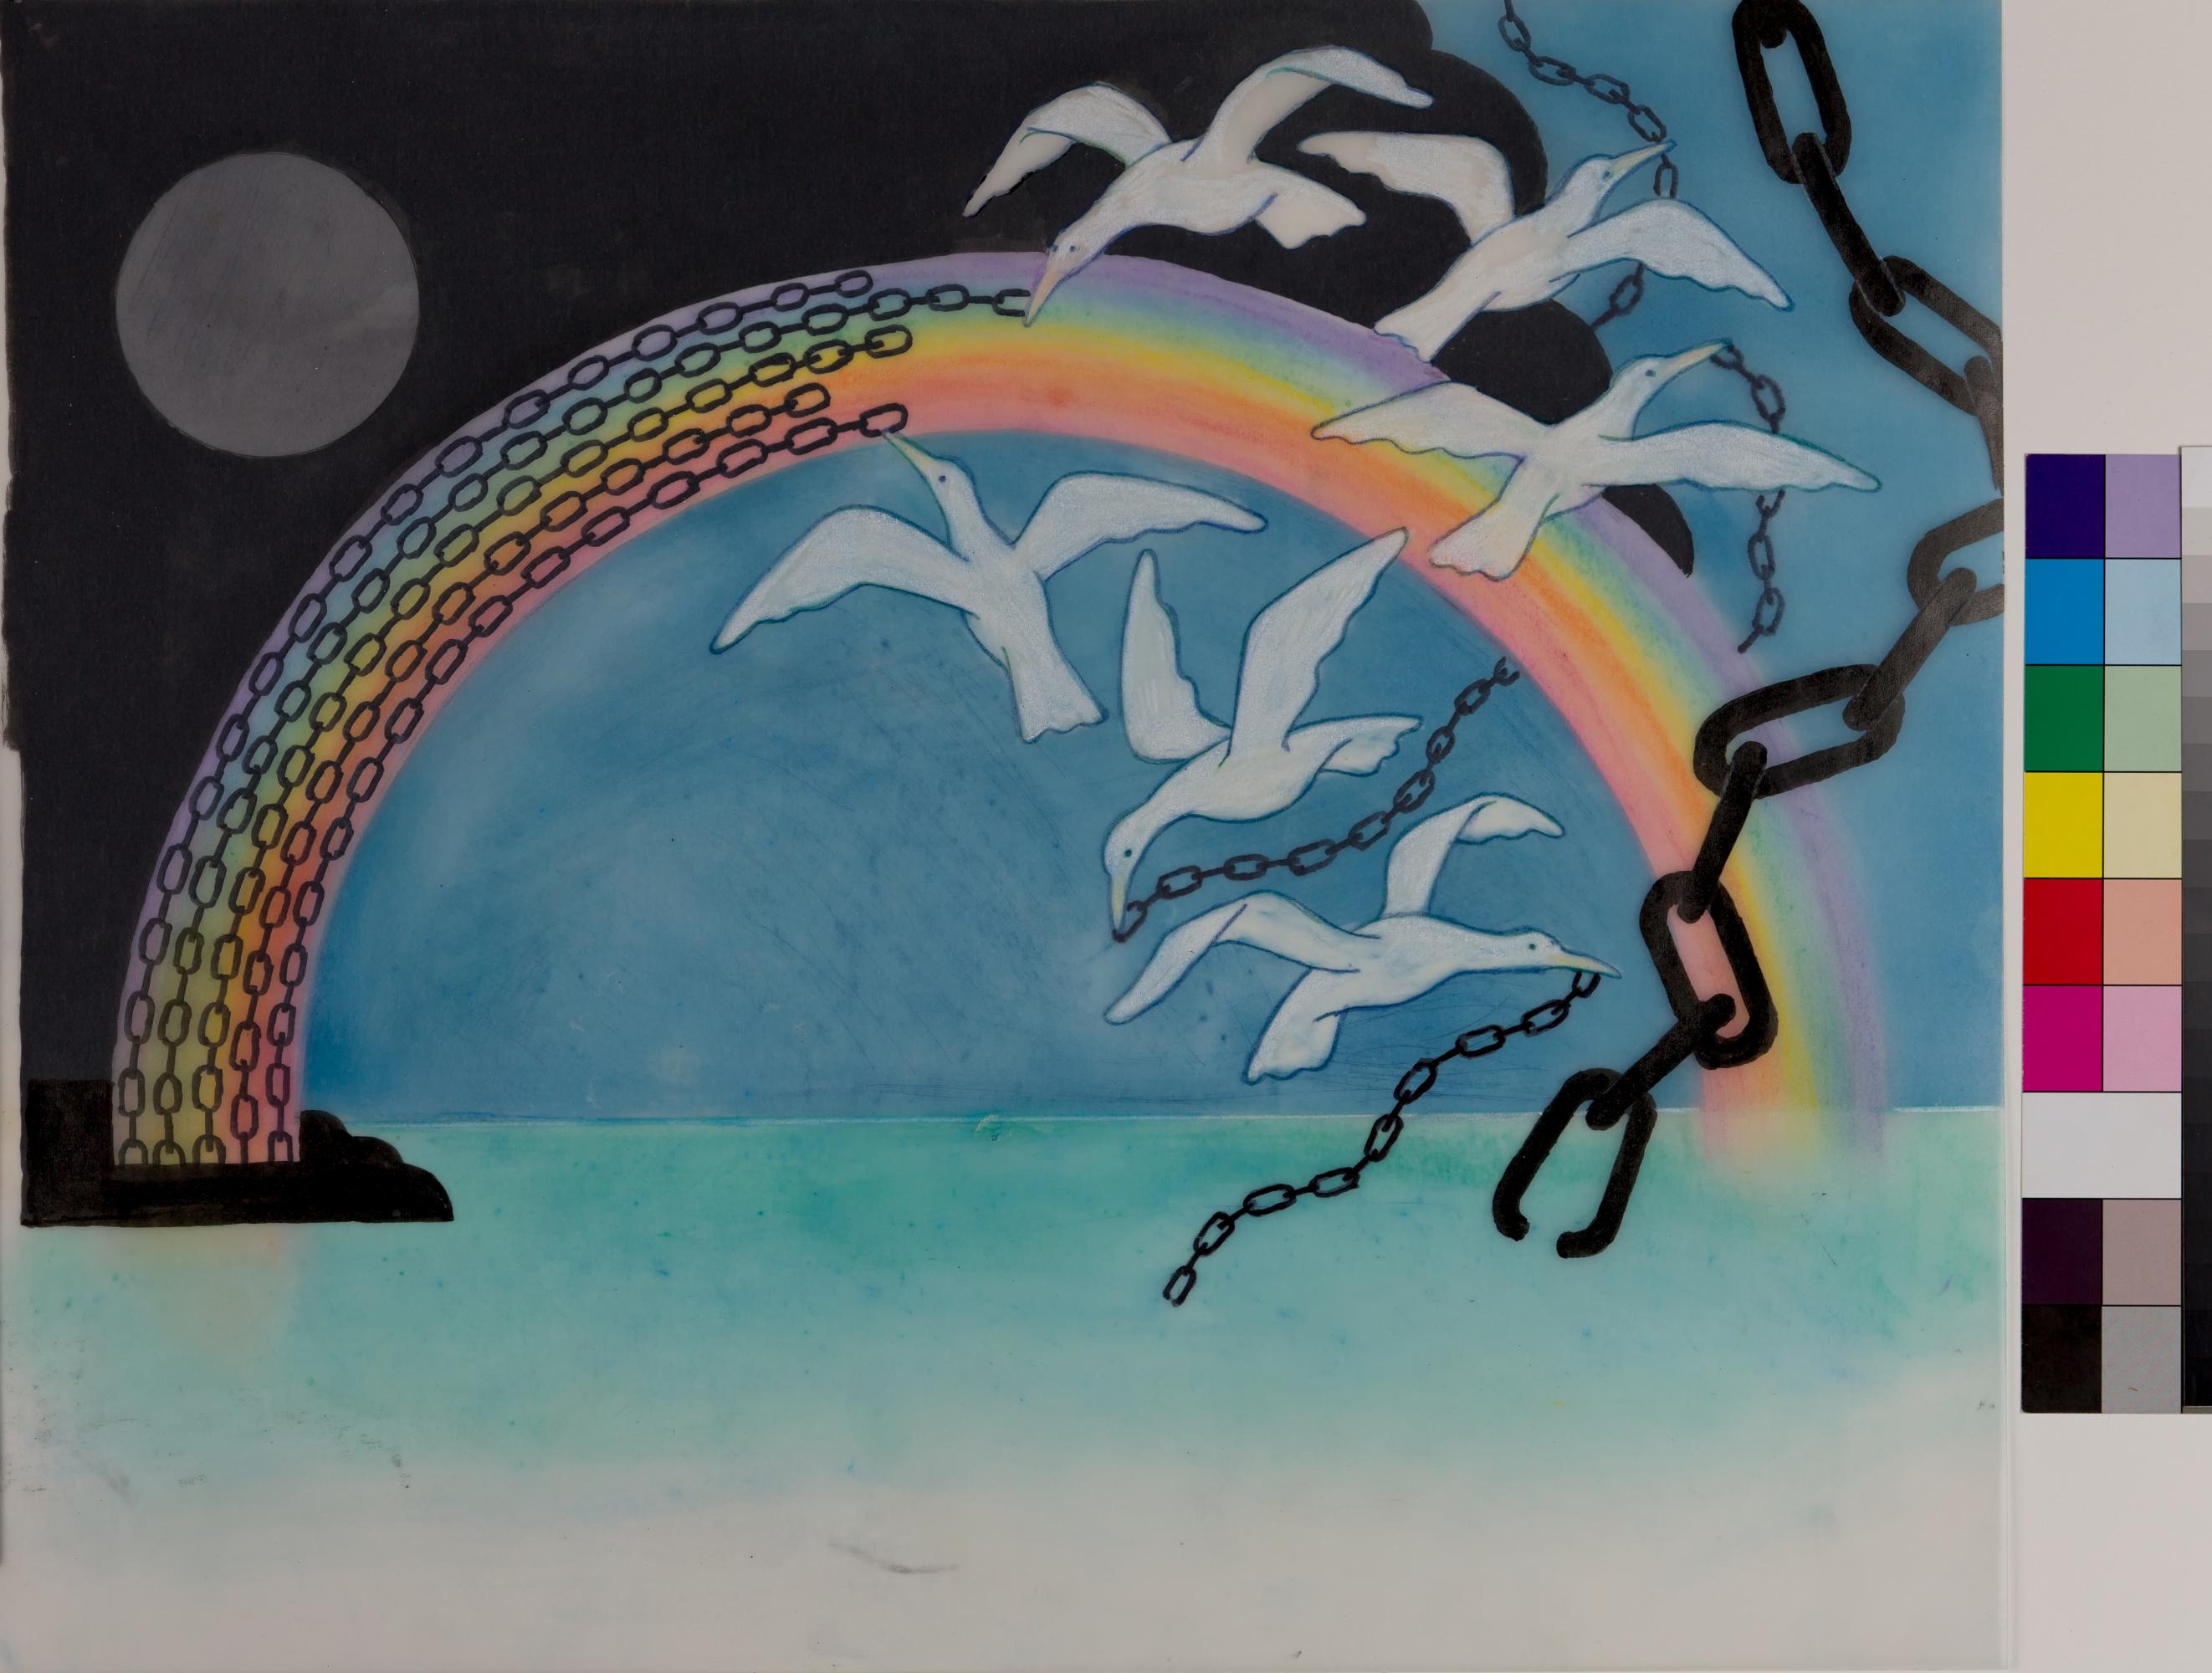 Tomi Ungerer: Rainbow chain